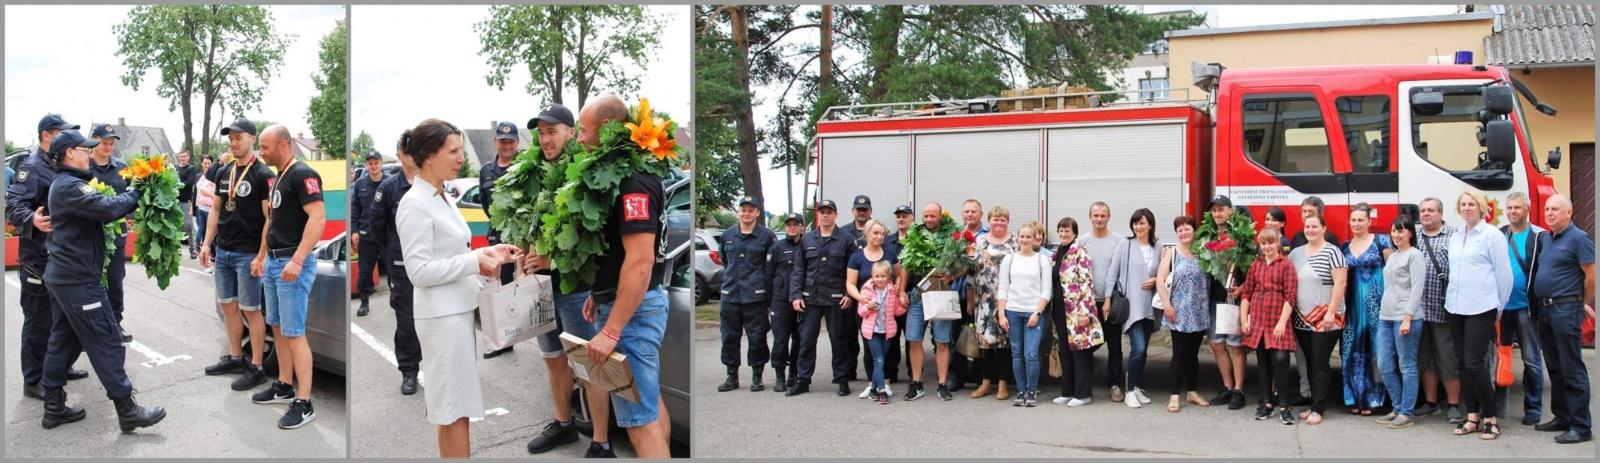 Šventiškai sutikti ir nuoširdžiai pasveikinti ugniagesiai gelbėtojai